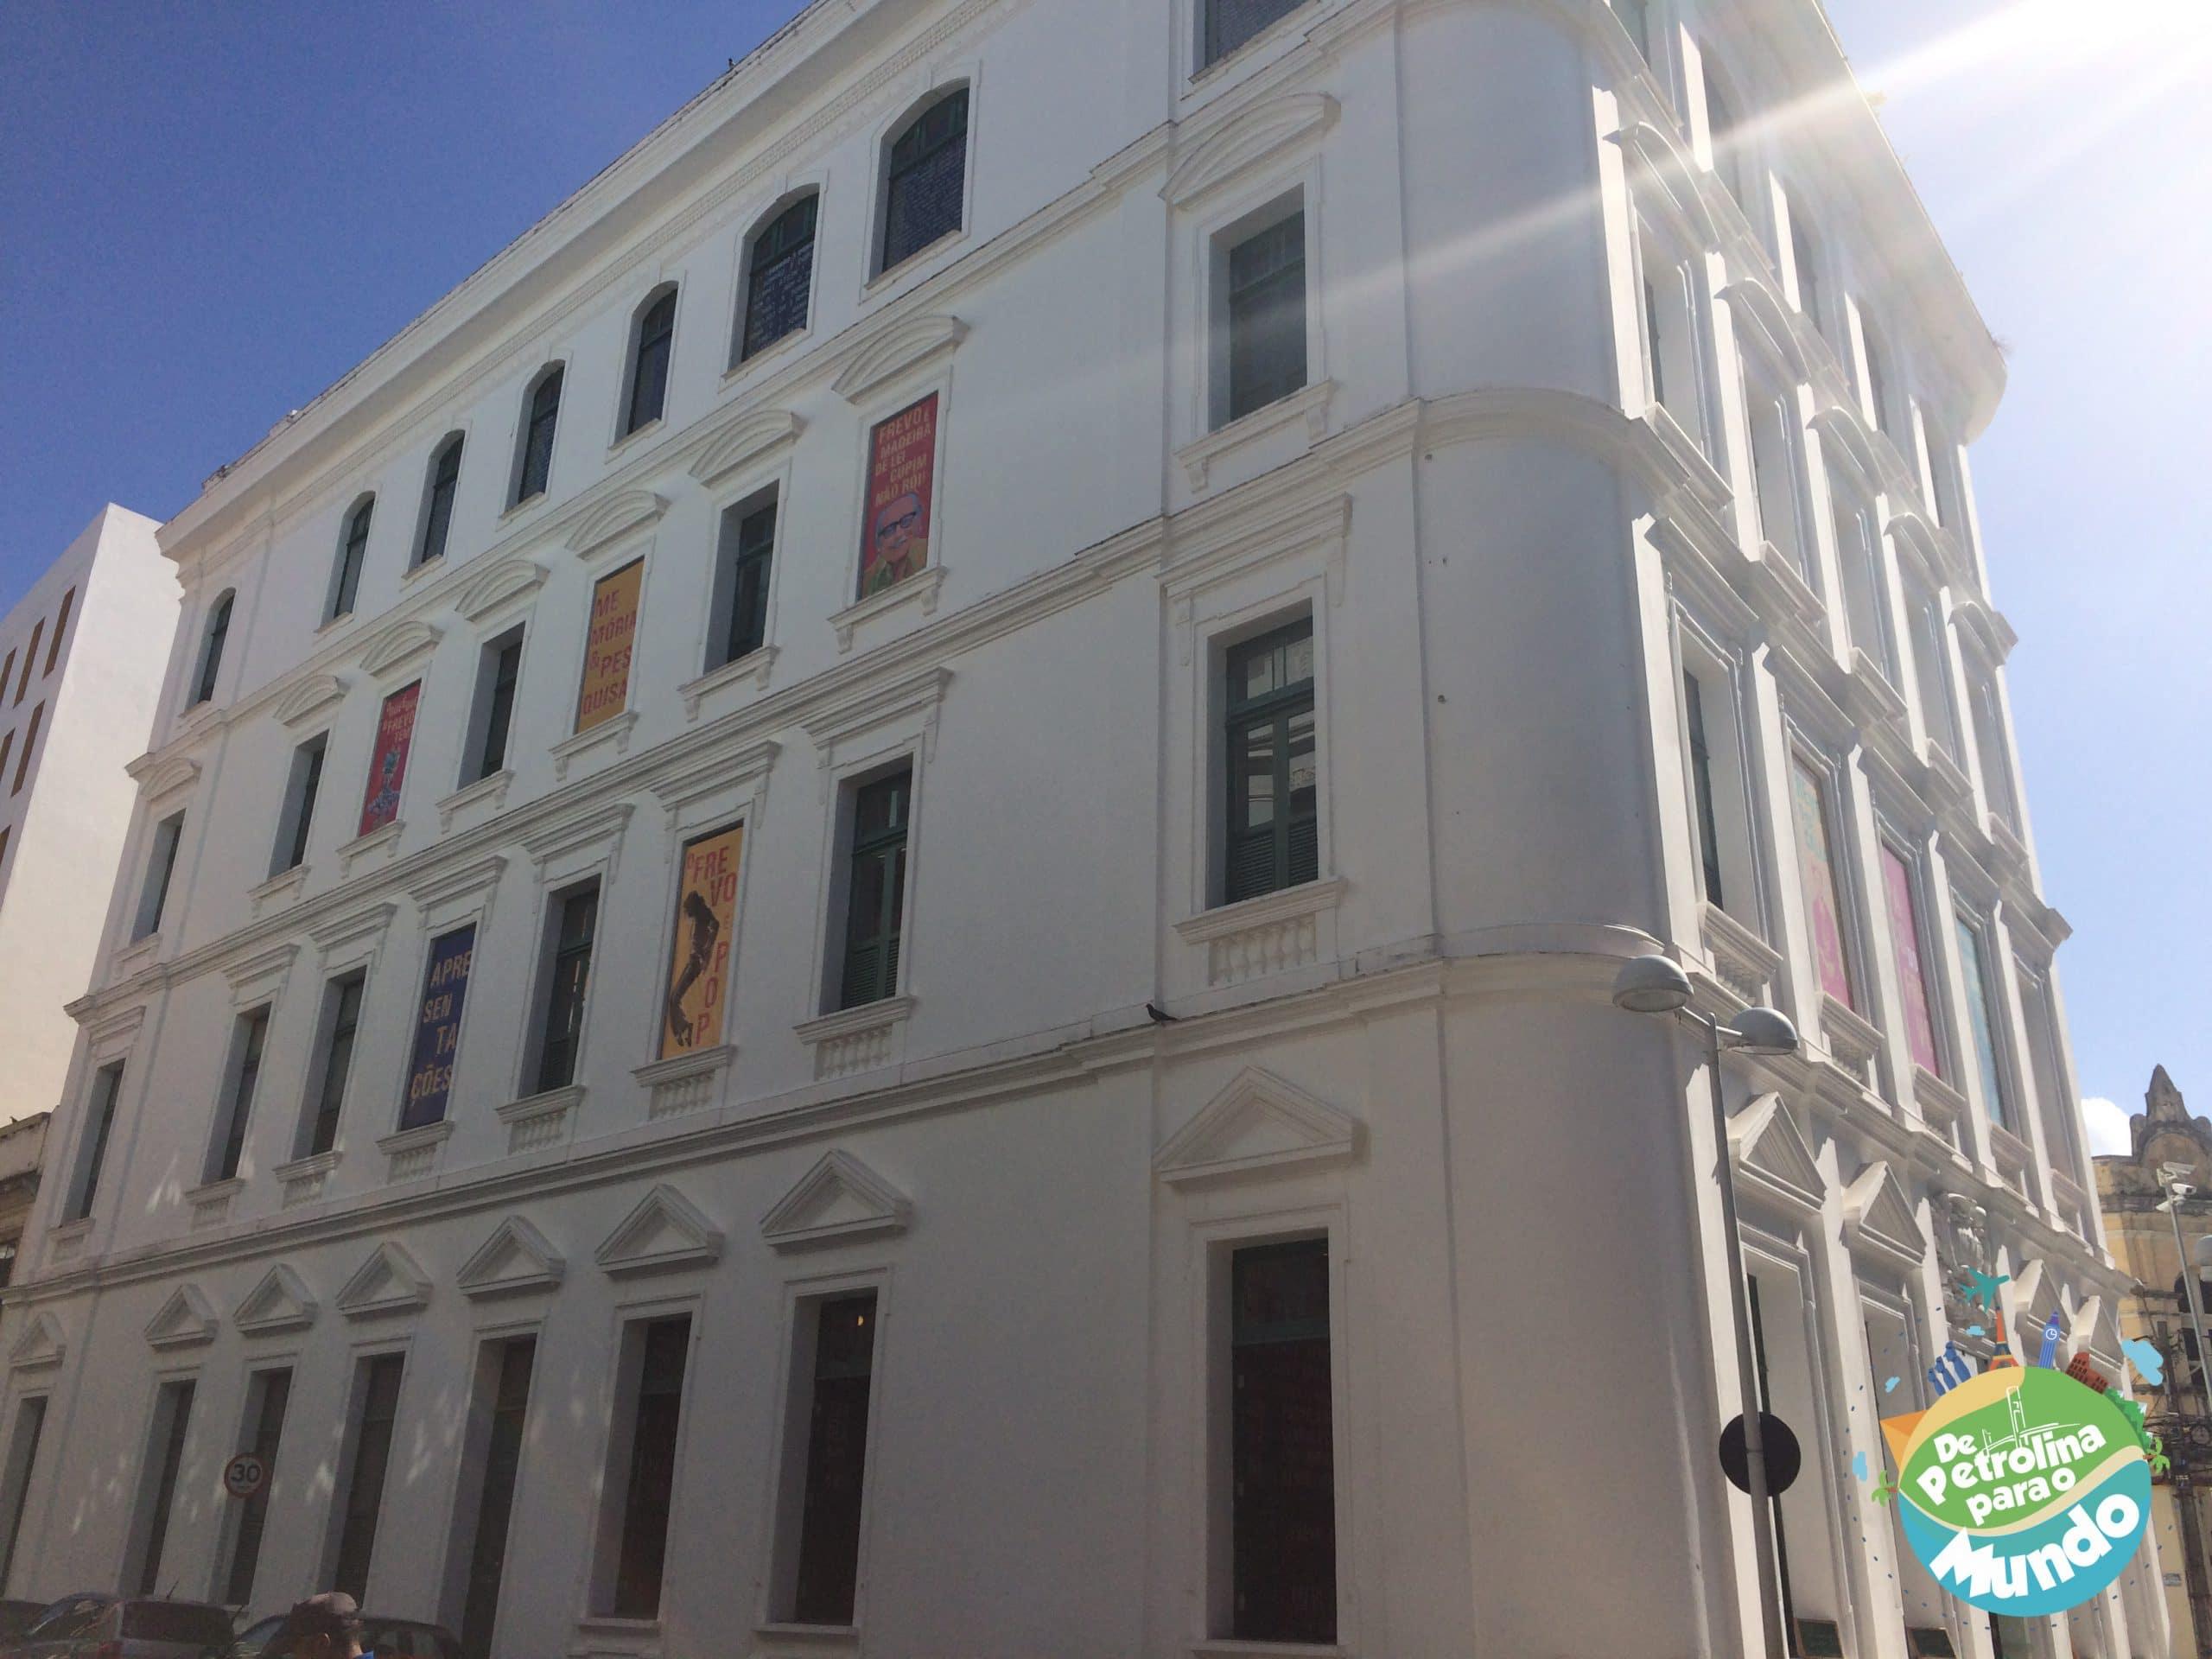 Museu do Frevo